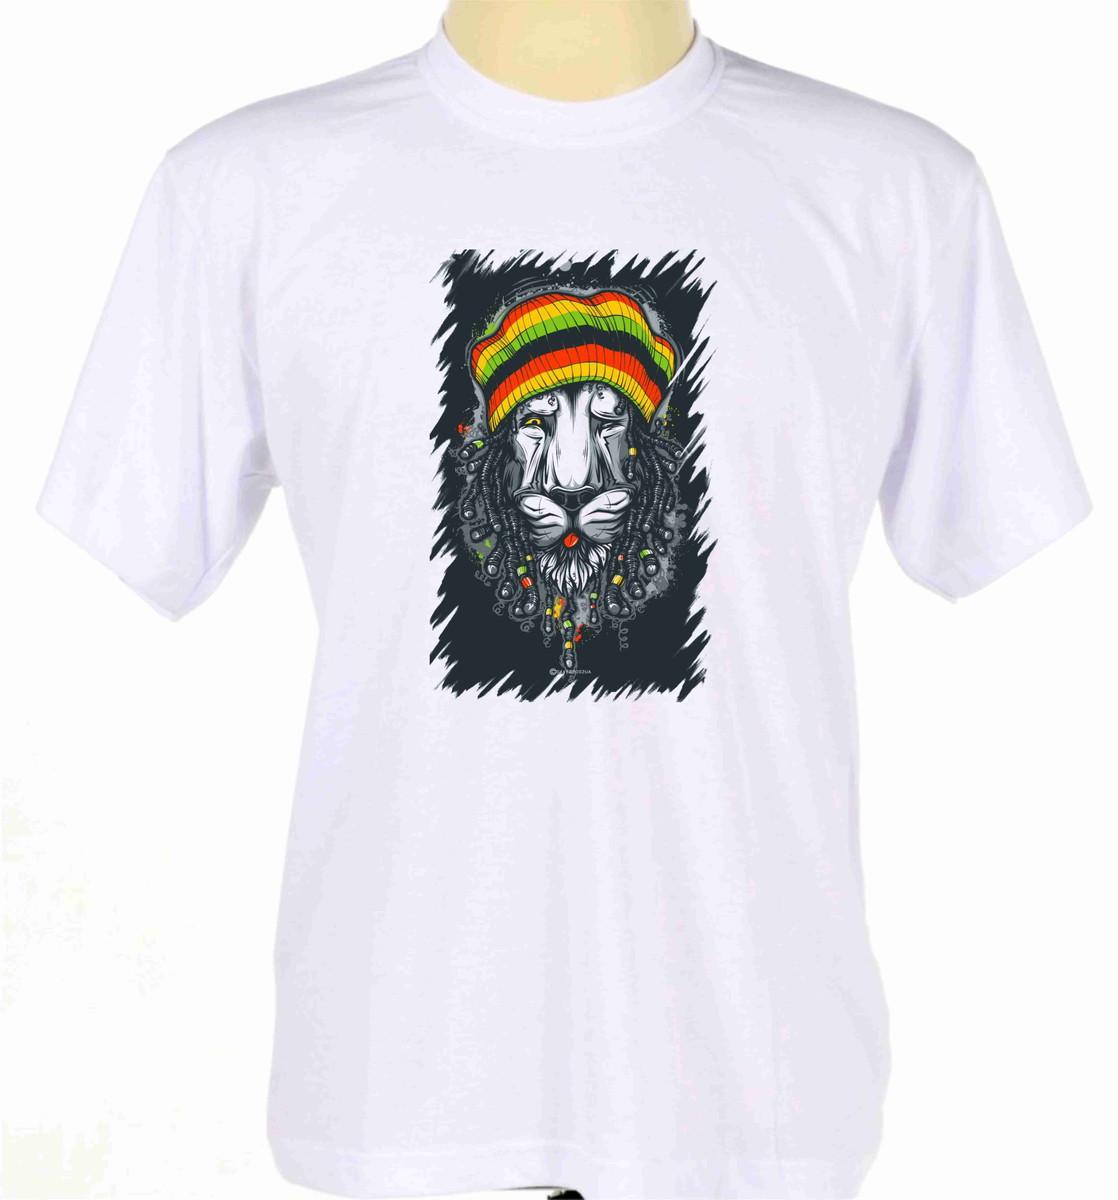 camisa camiseta reggae bob marley rastafari jamaica leão no Elo7 ... 11bf17a90c4